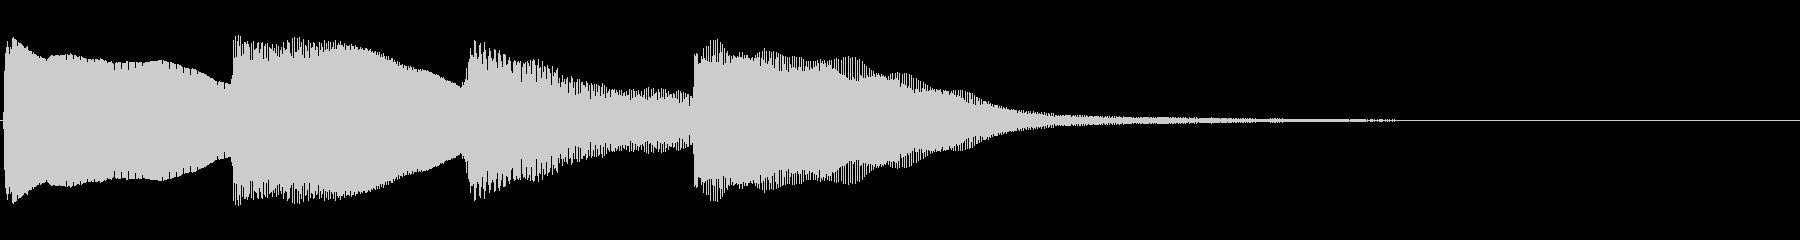 ピンポンパンポン01-3(バイノーラル)の未再生の波形